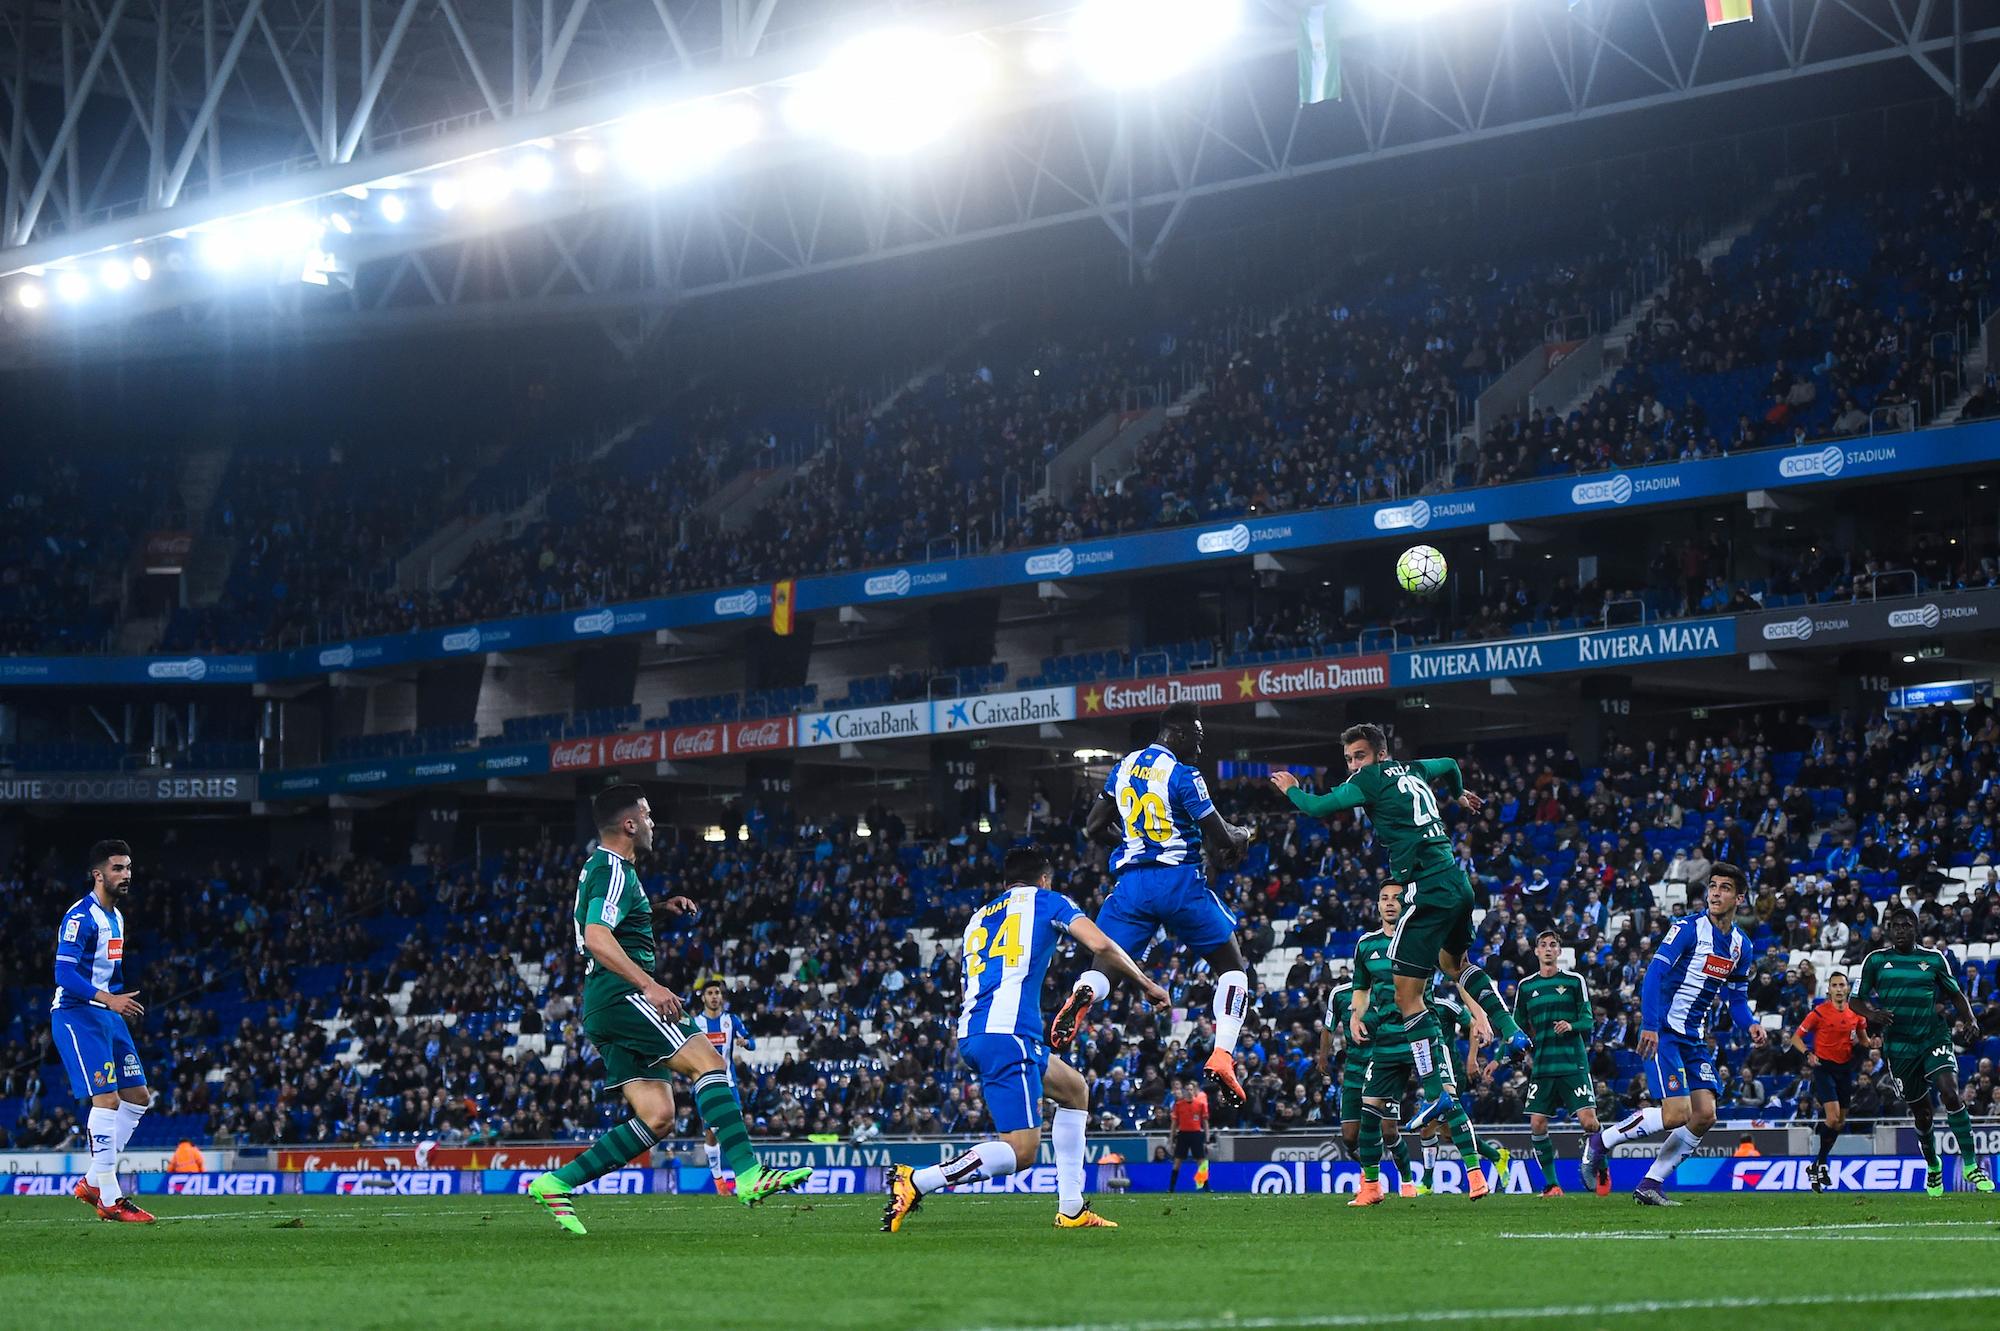 L'Espanyol è quasi salvo, ma ancora non matematicamente